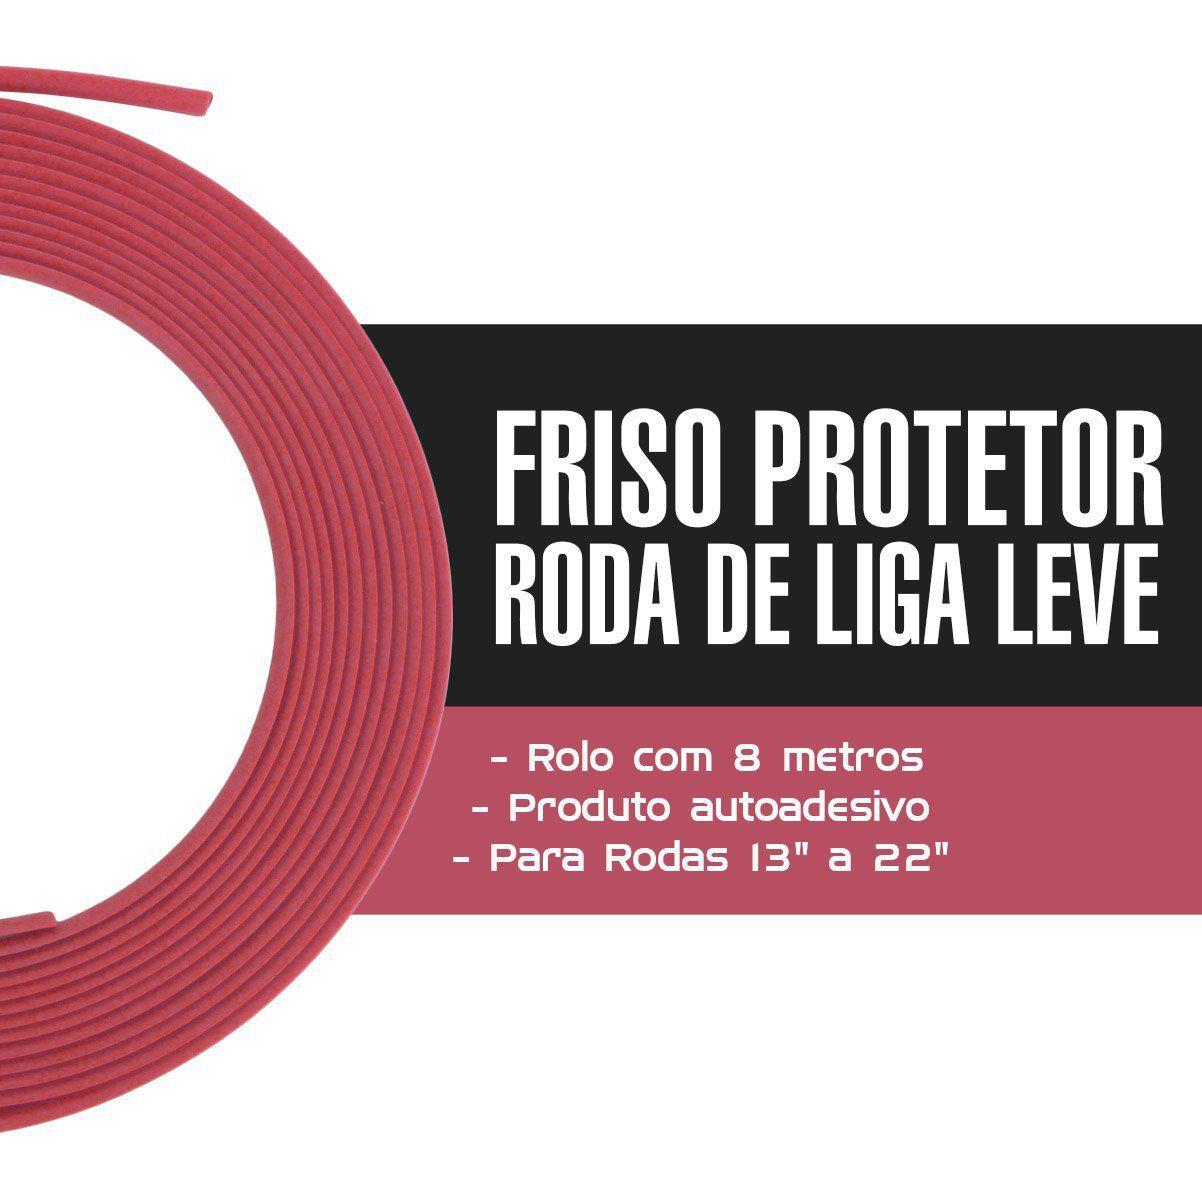 Friso Protetor Roda Liga Leve Esportiva Tuning 8m - Rosa